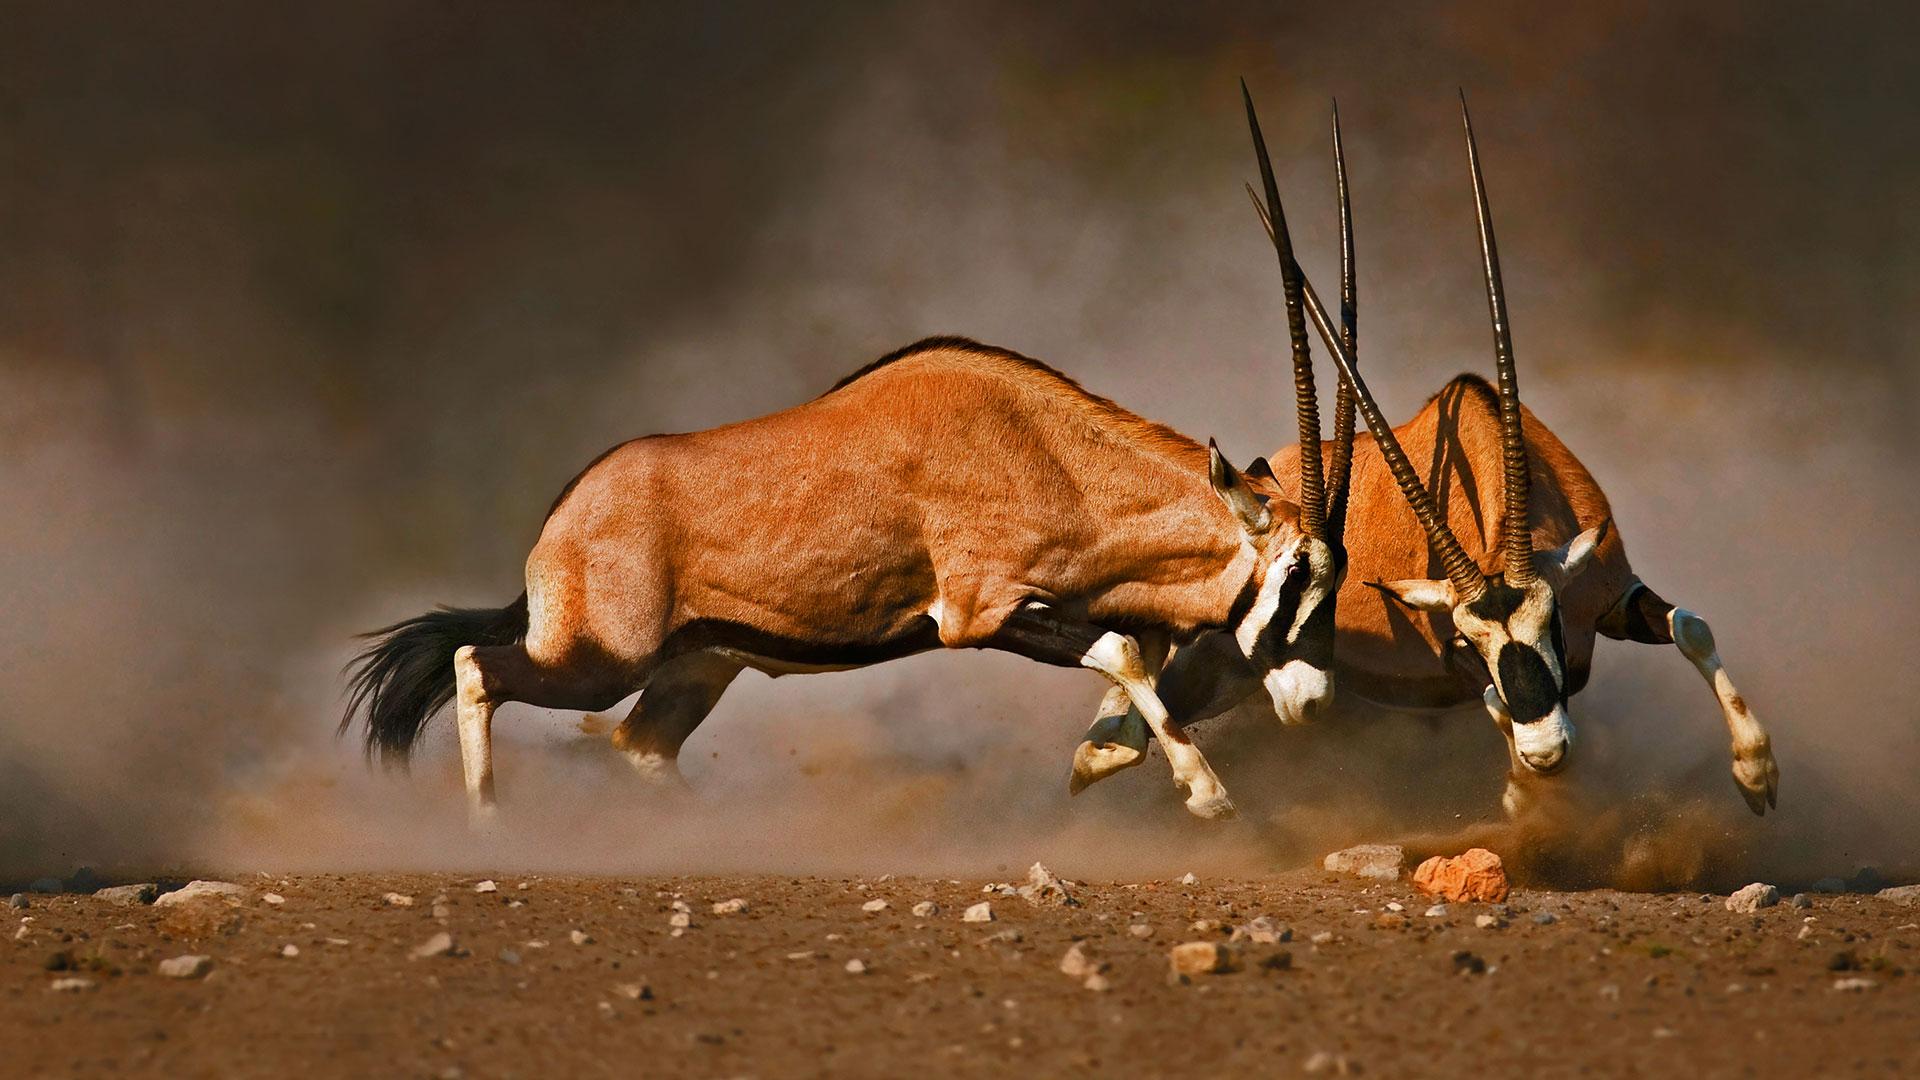 Hình nền Bing động vật hoang dã